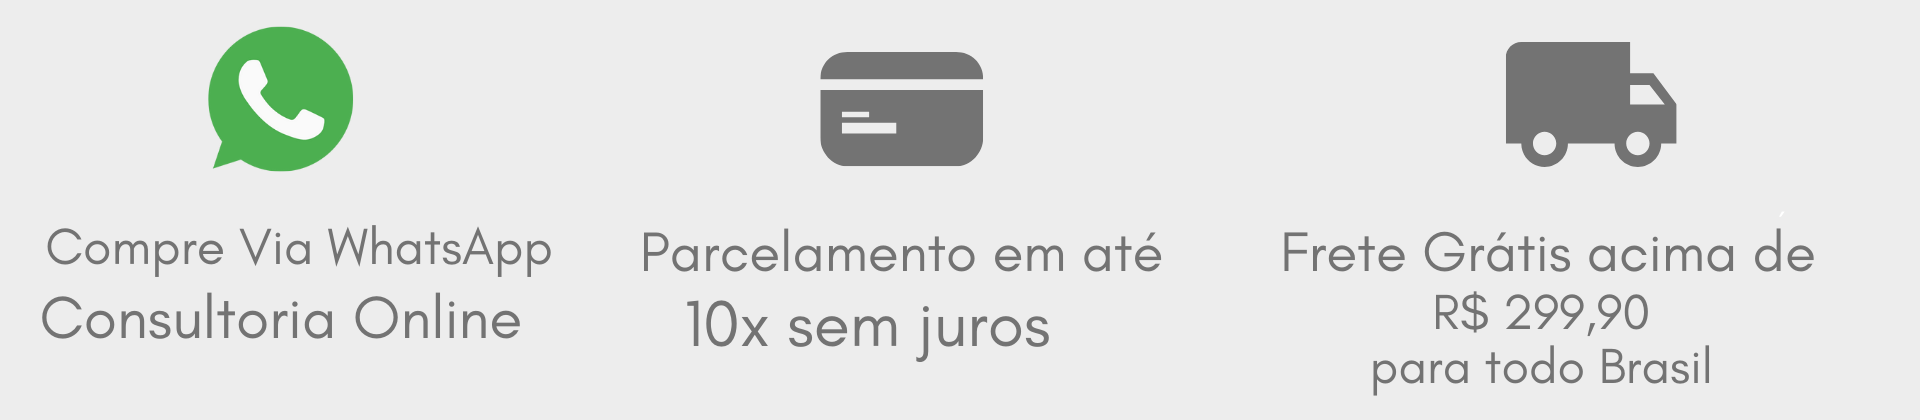 faixa-mobile